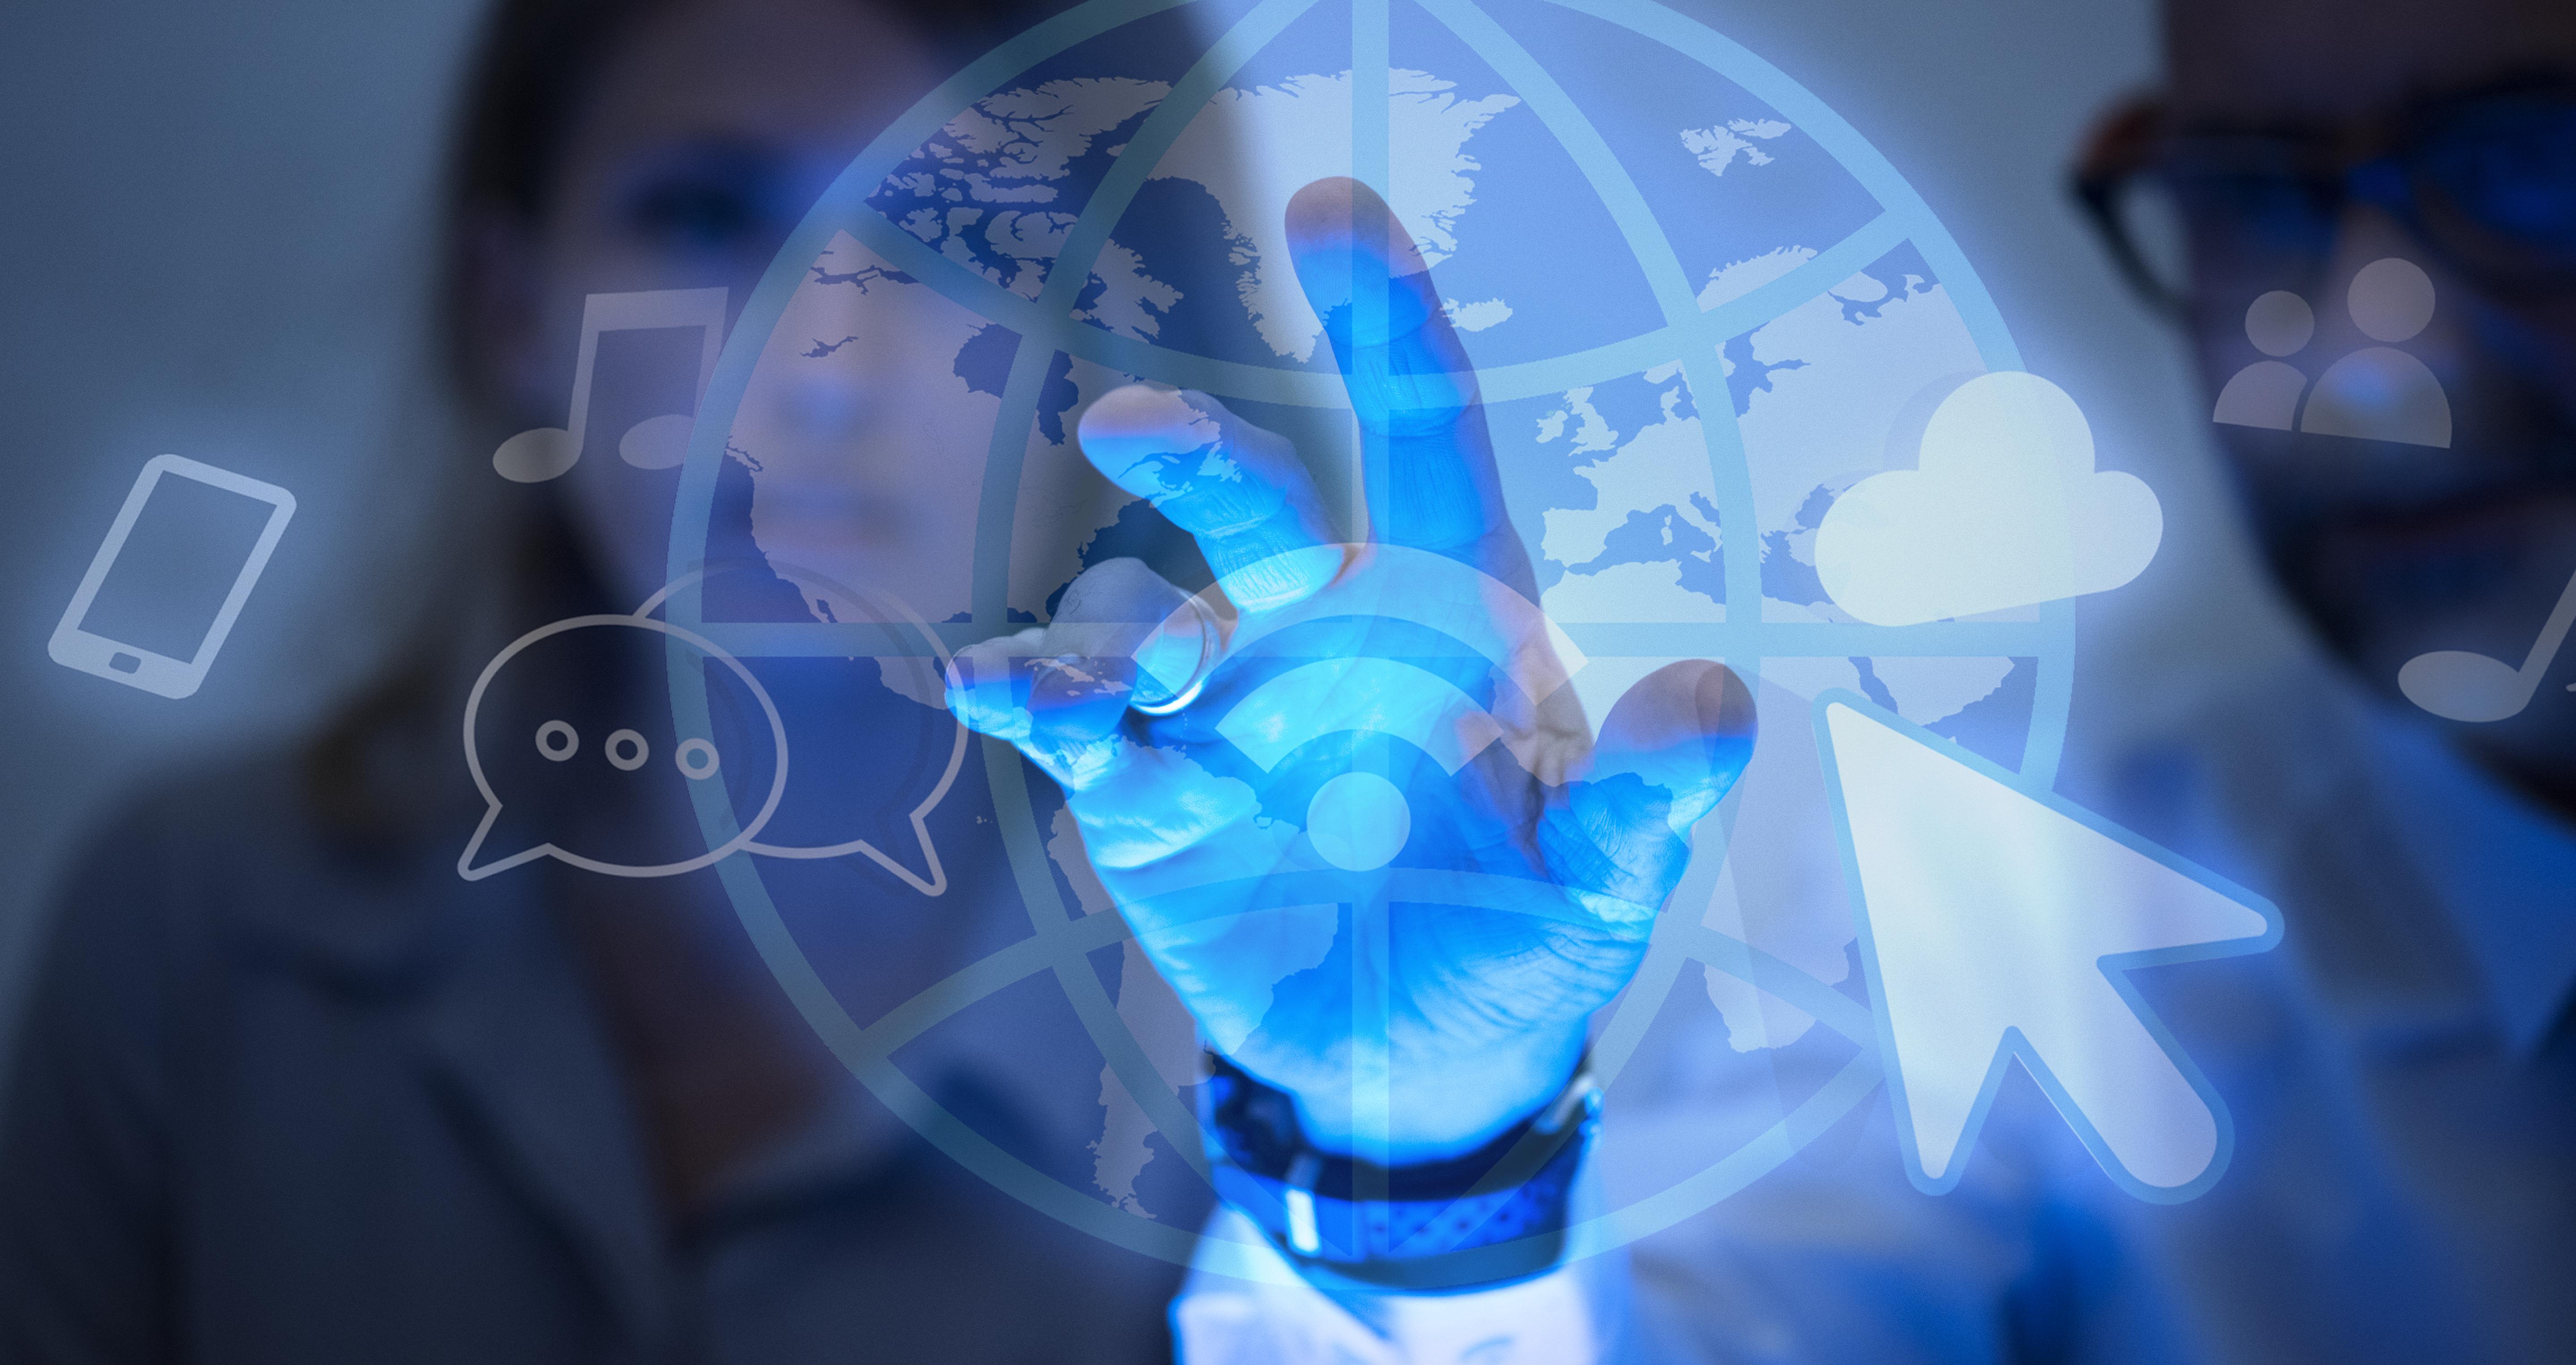 Sebrae abre curso sobre transformação digital para empresas